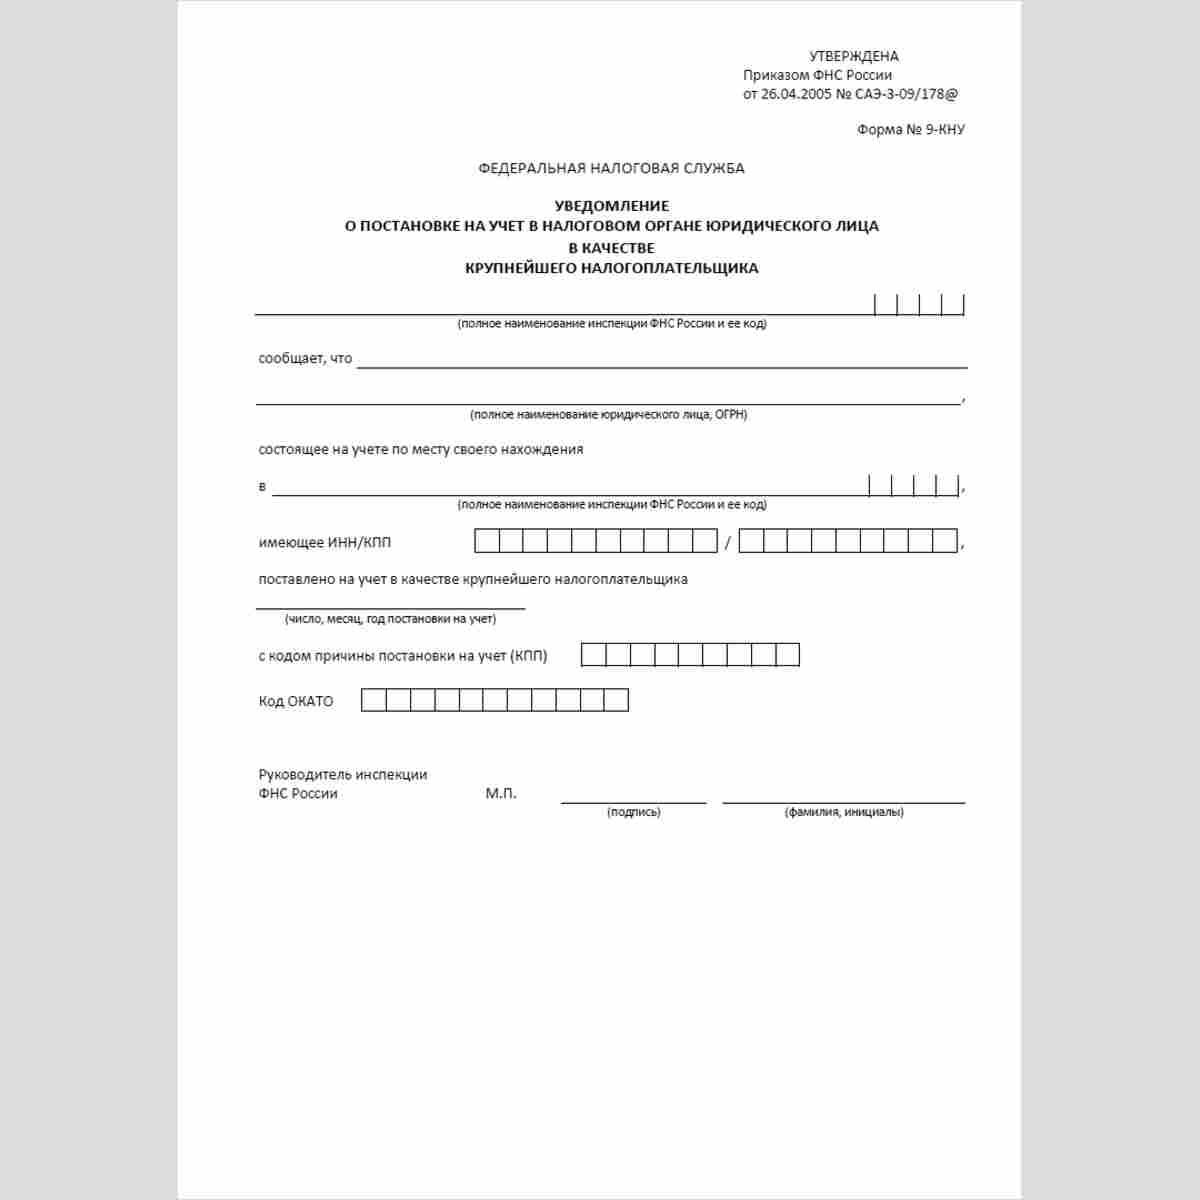 """Форма """"Уведомление о постановке на учет в налоговом органе юридического лица в качестве крупнейшего налогоплательщика"""" (Форма №9-КНУ)"""